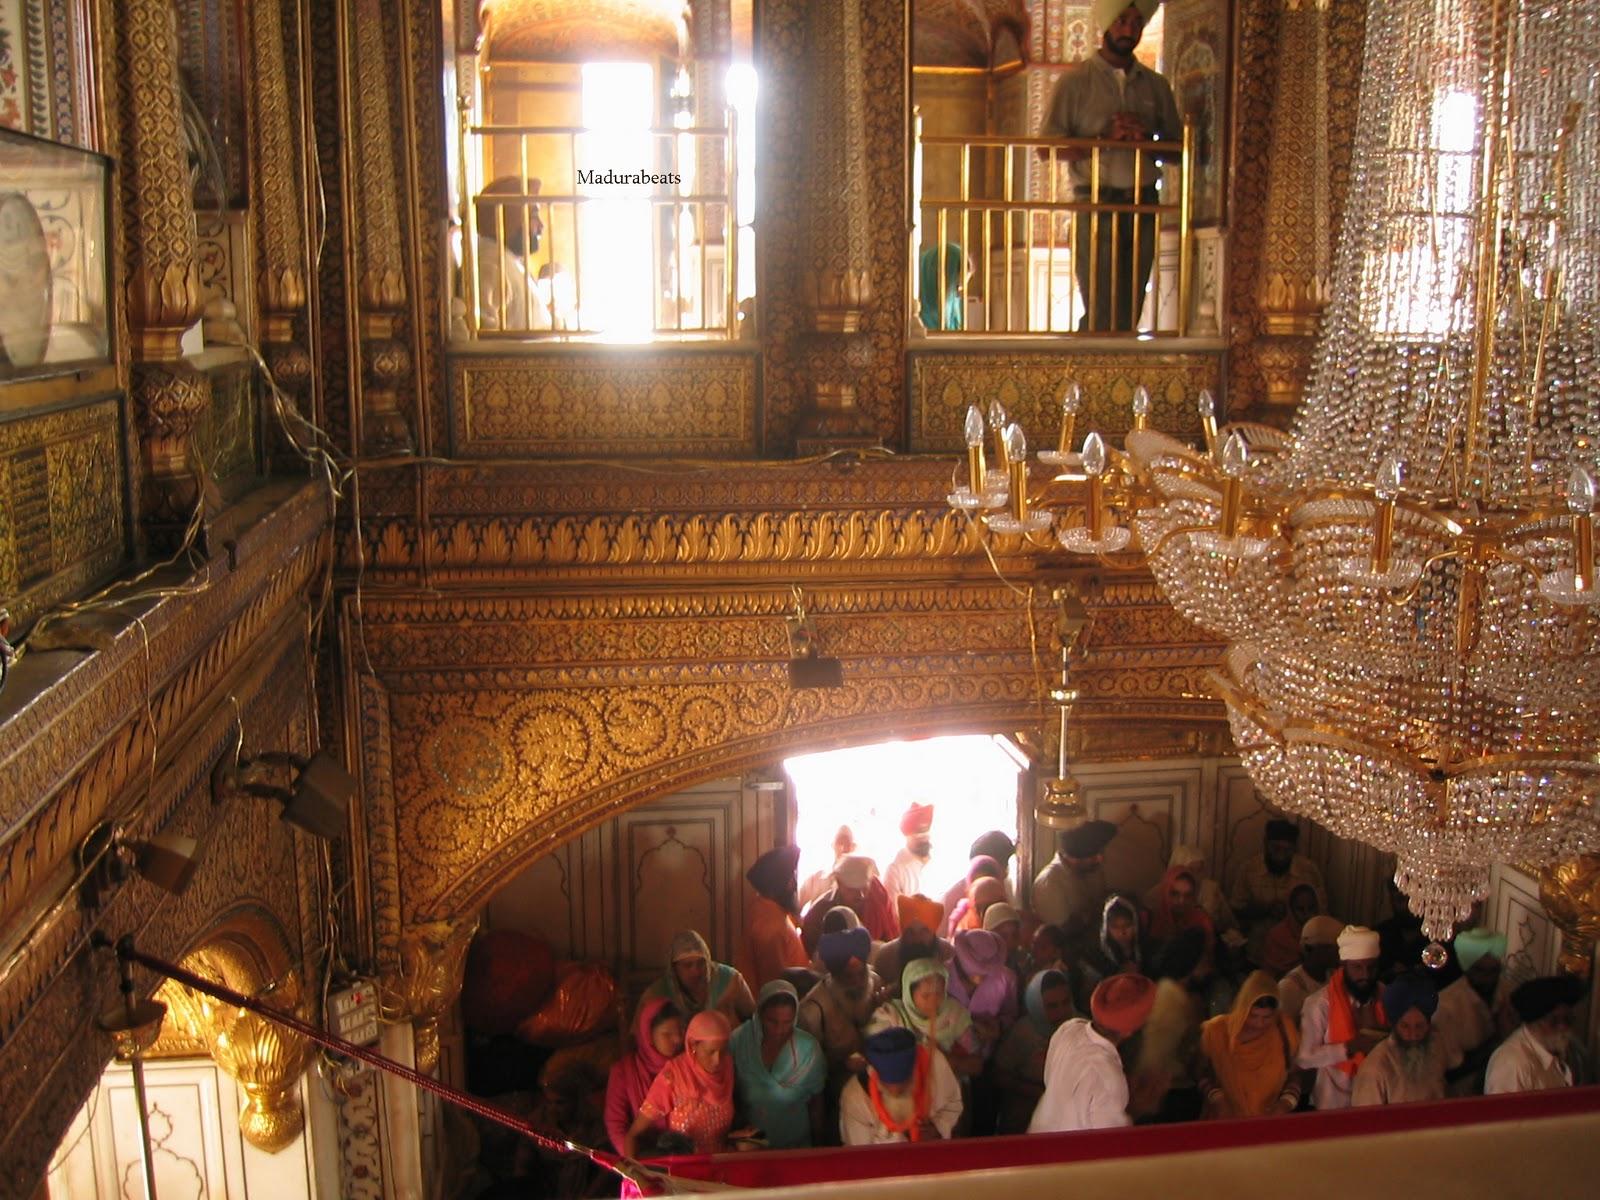 Amritsar Golden Temple interior Lights